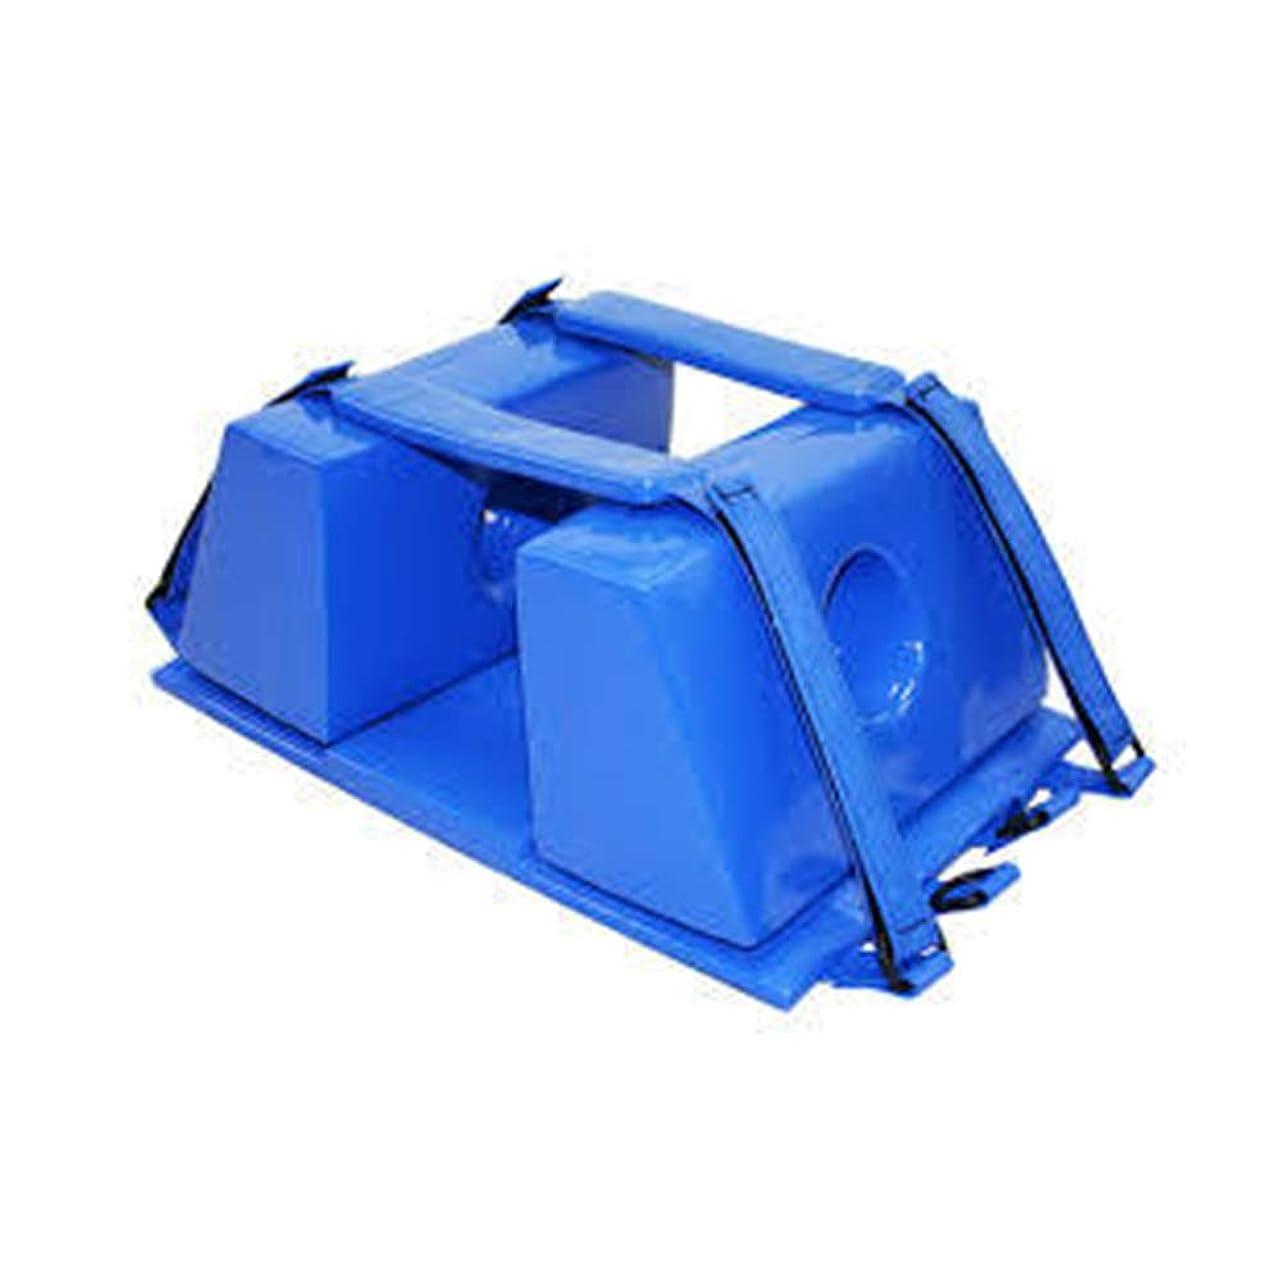 火山伝導率フォージ背板 - 背骨のための普遍的な緊急の再使用可能な救助のライト級選手のための脊椎板頭部の固定装置,Blue